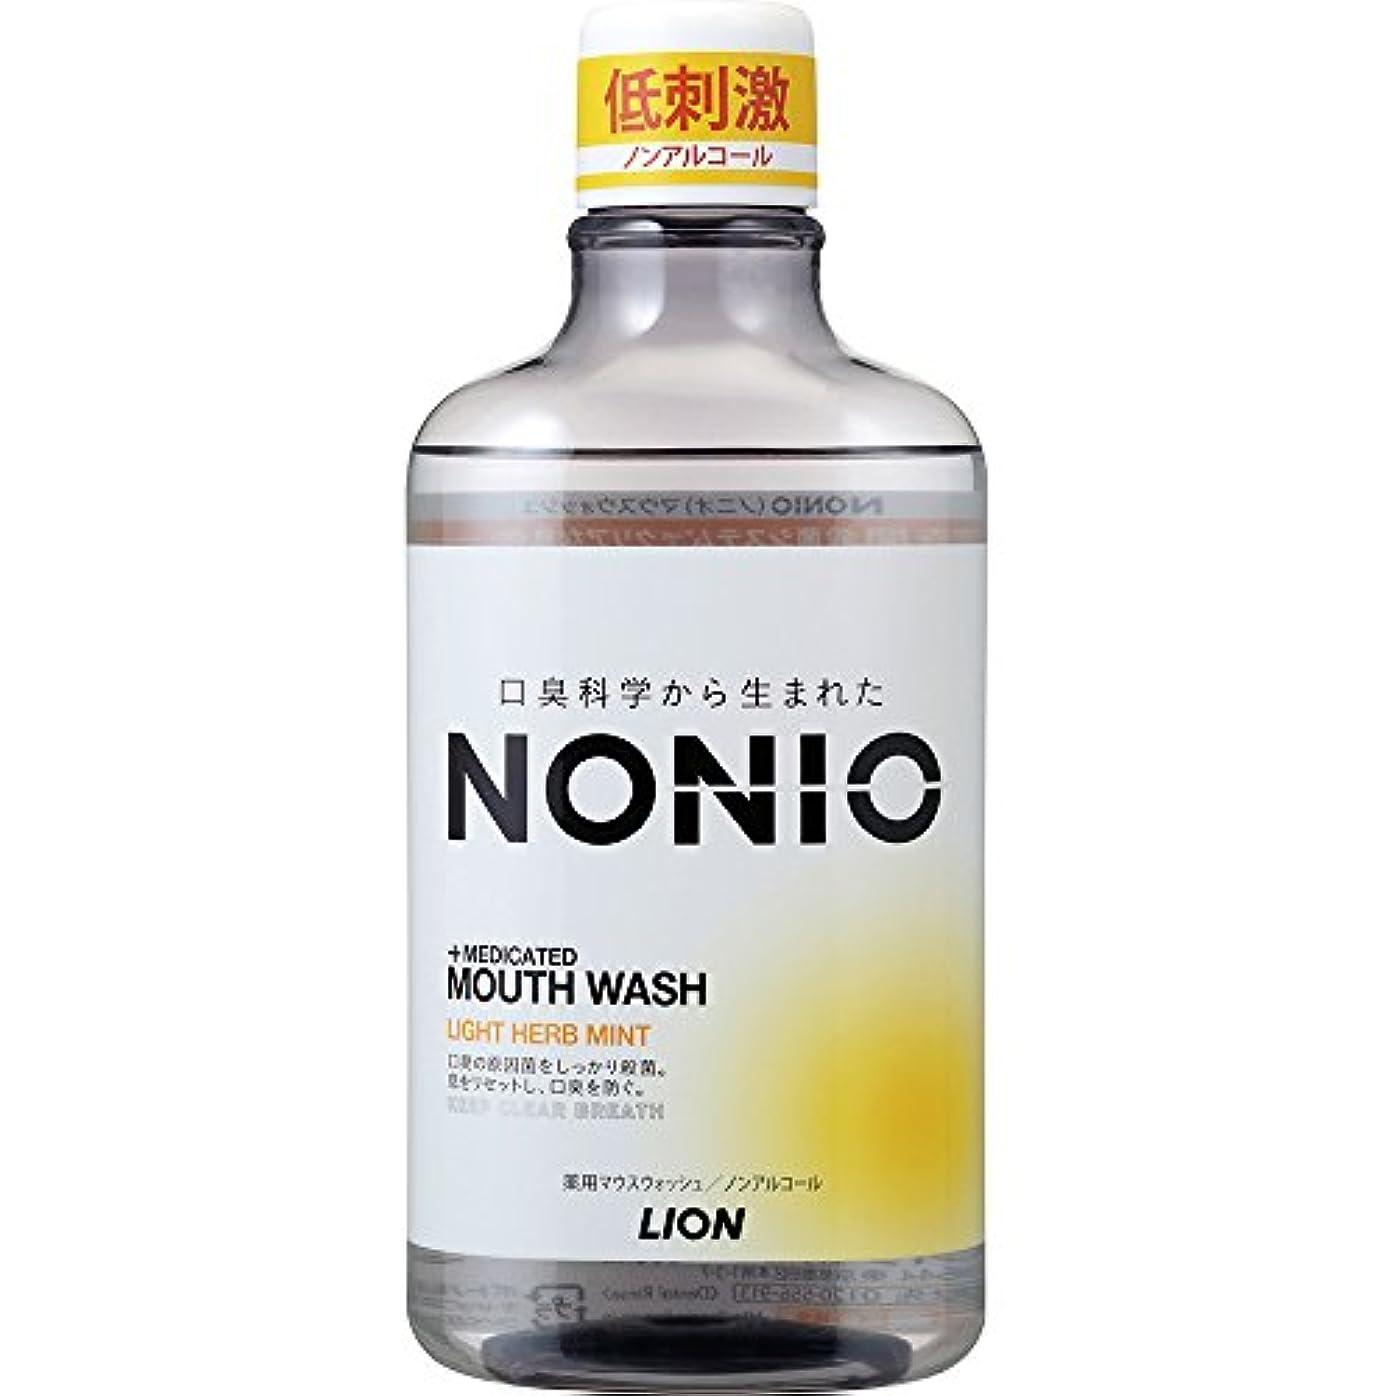 起きているチャーミング戸惑うNONIO マウスウォッシュ ノンアルコール ライトハーブミント 600ml 洗口液 (医薬部外品)